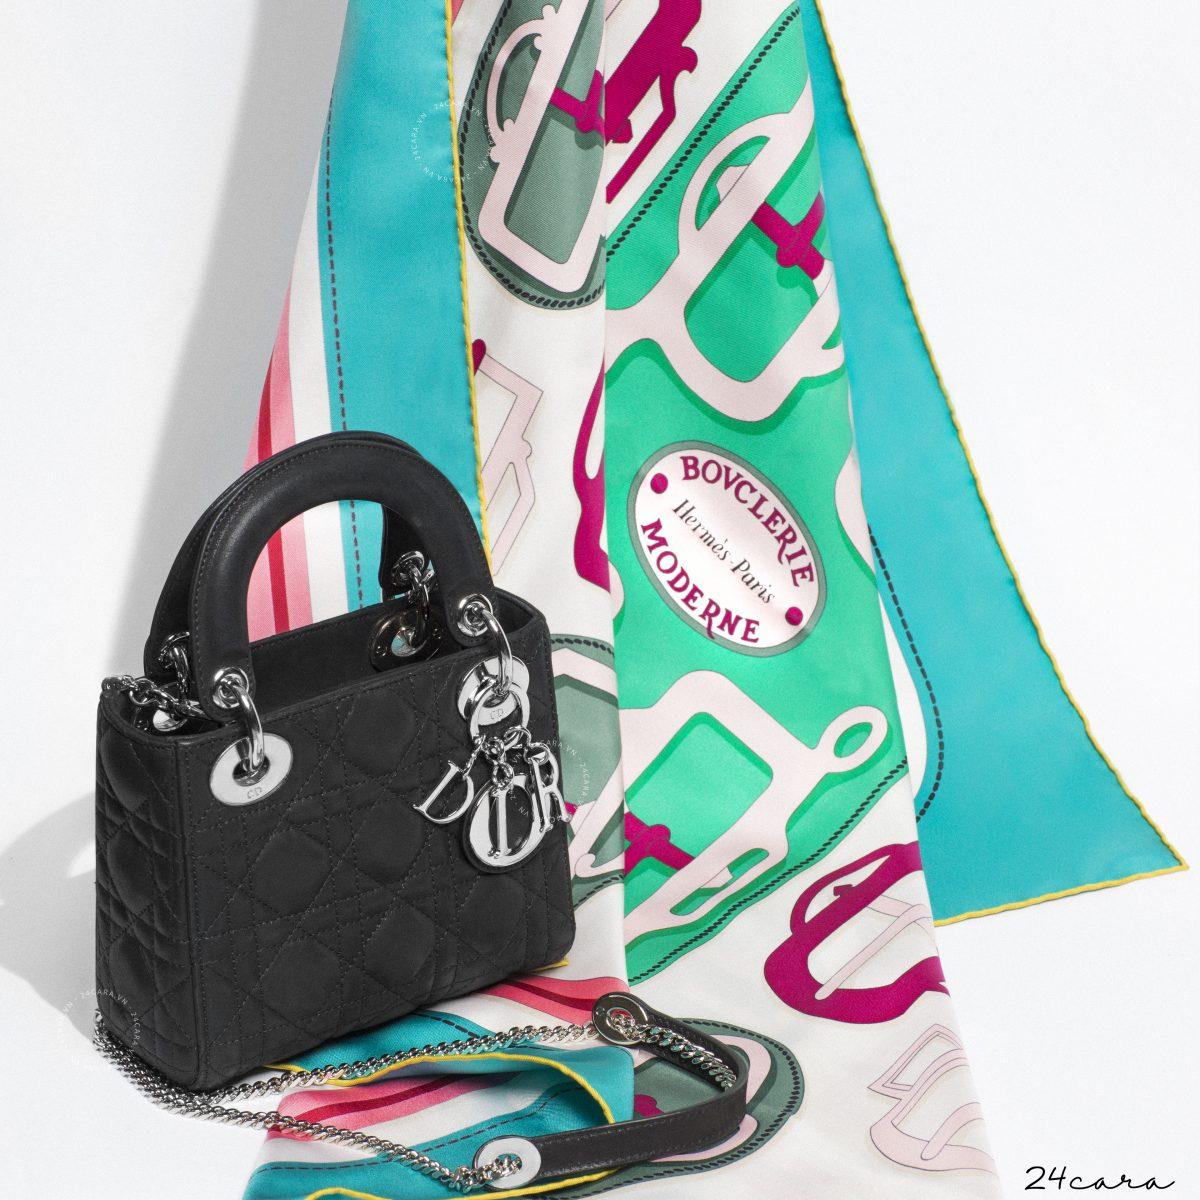 Chiếc túi xách hàng hiệu xứng đáng để phái đẹp đầu tư